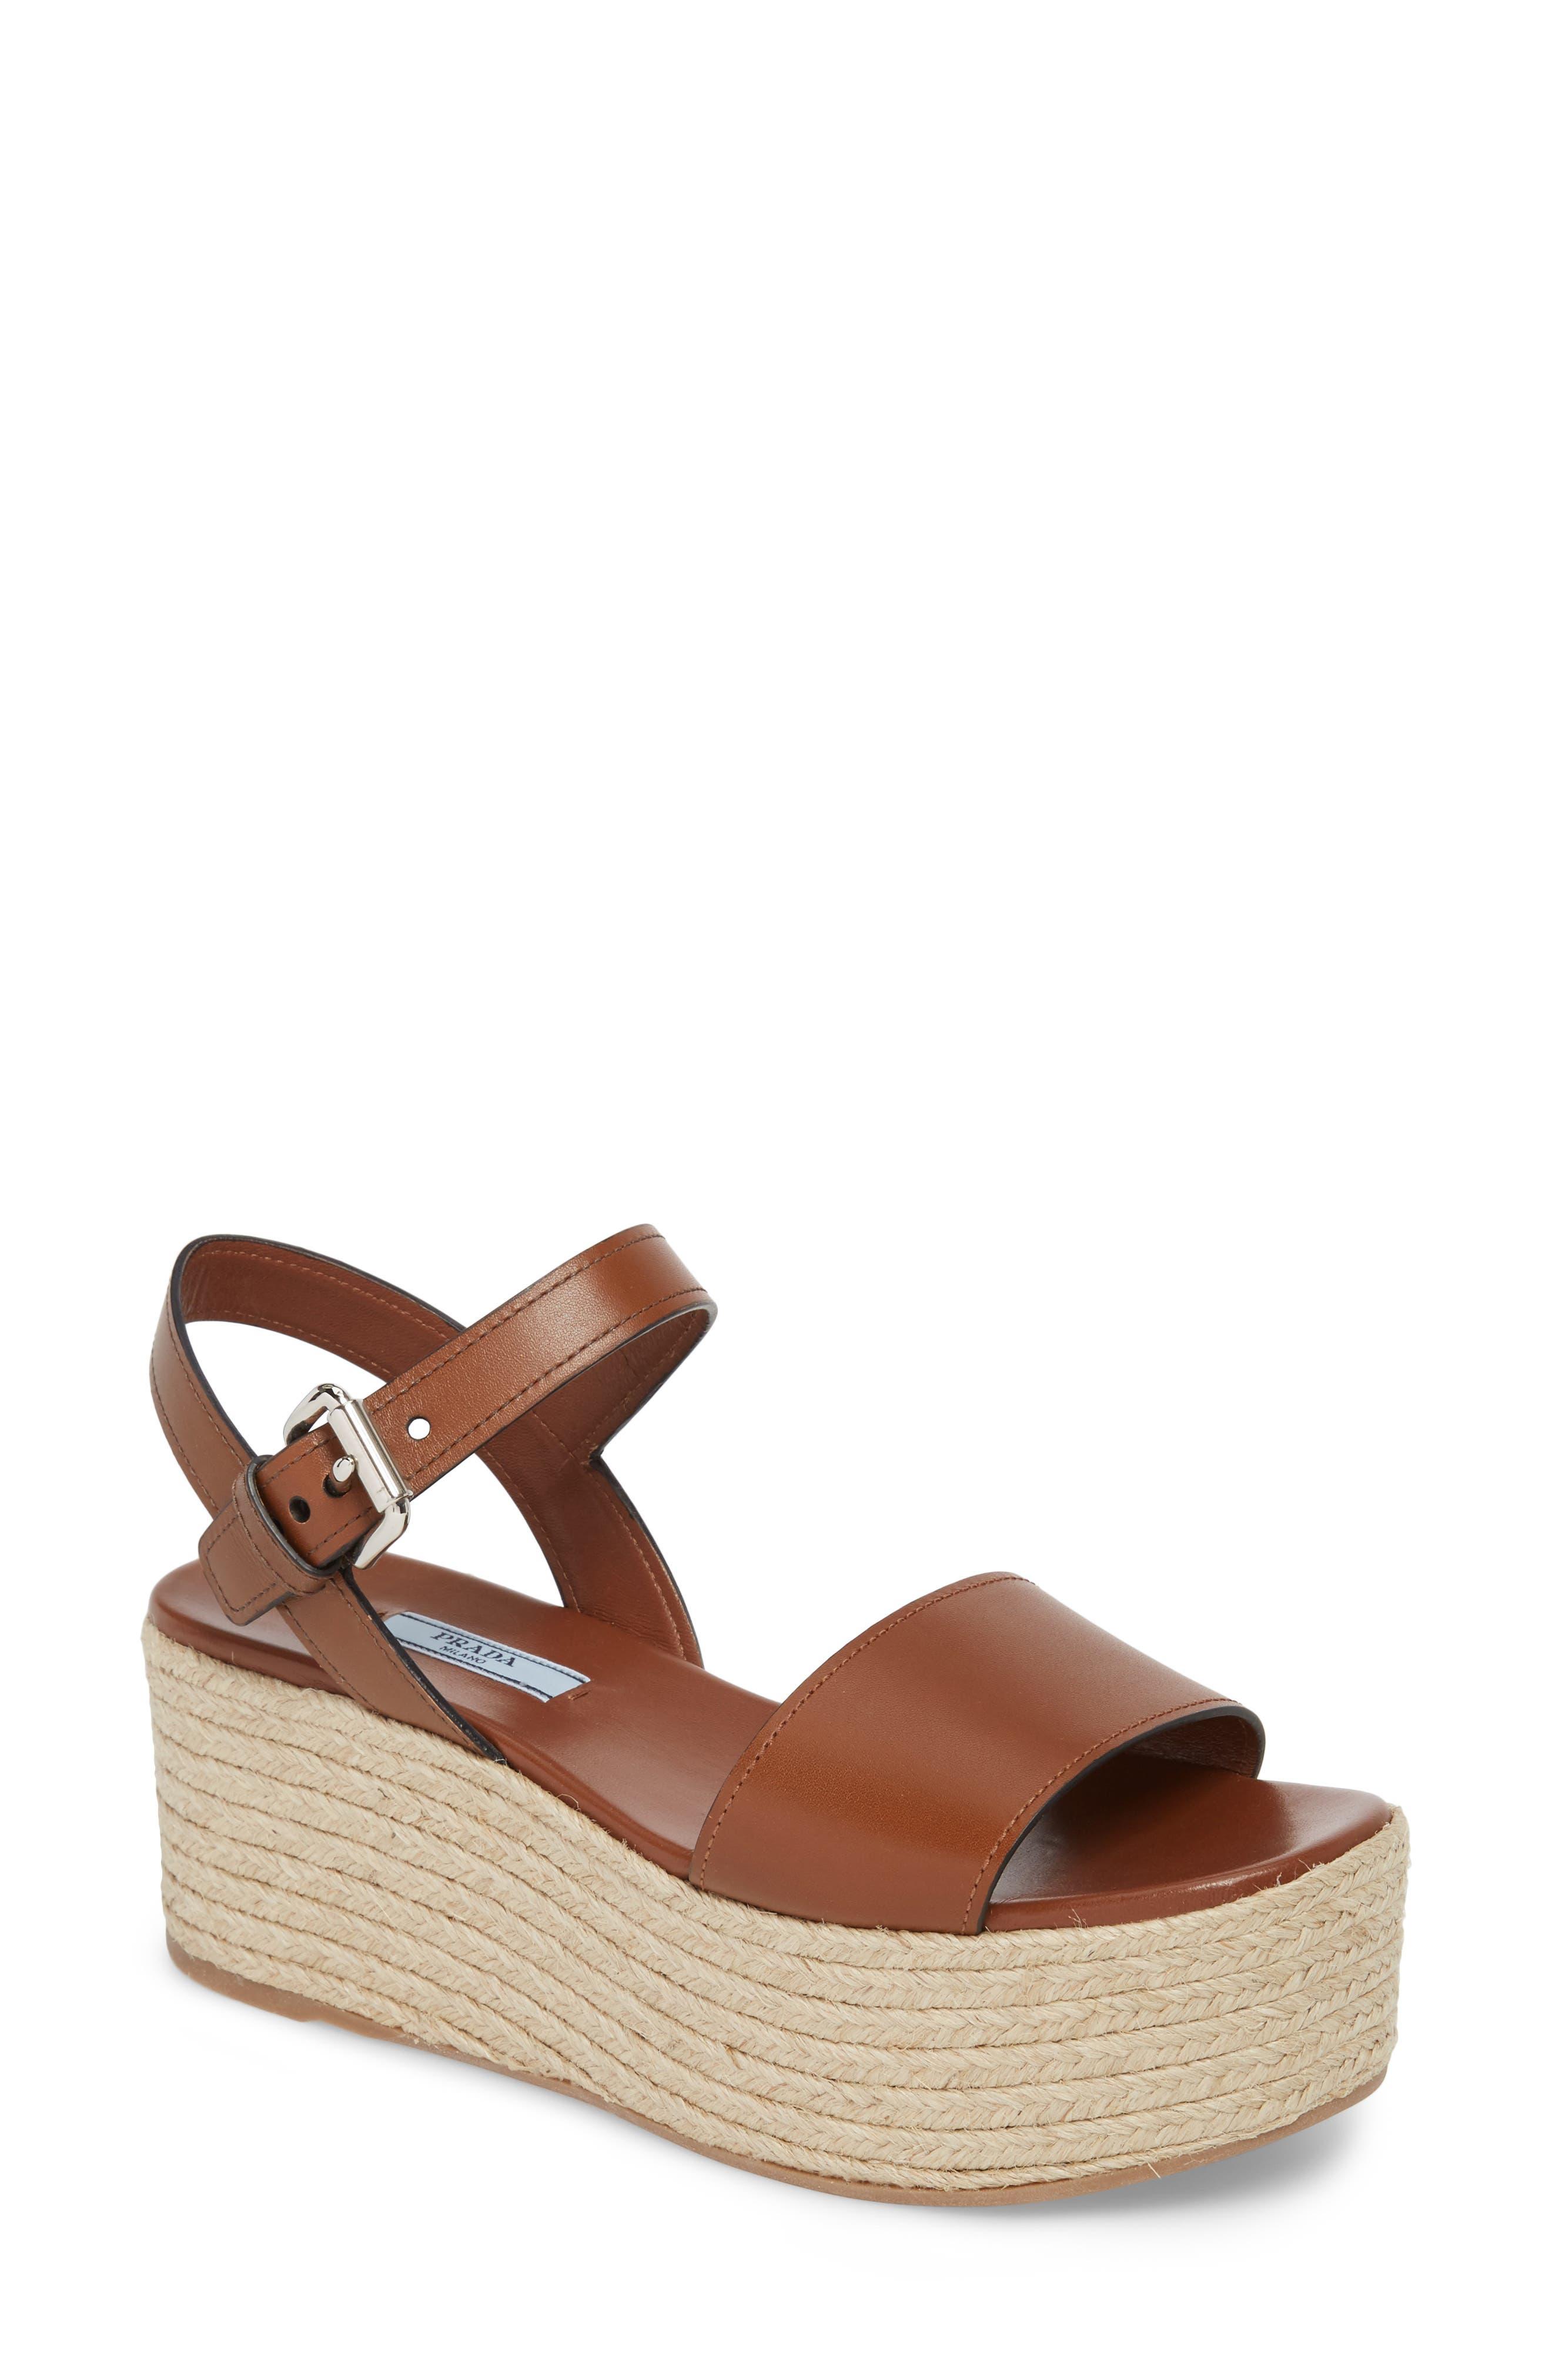 Main Image - Prada Platform Espadrille Sandal (Women)